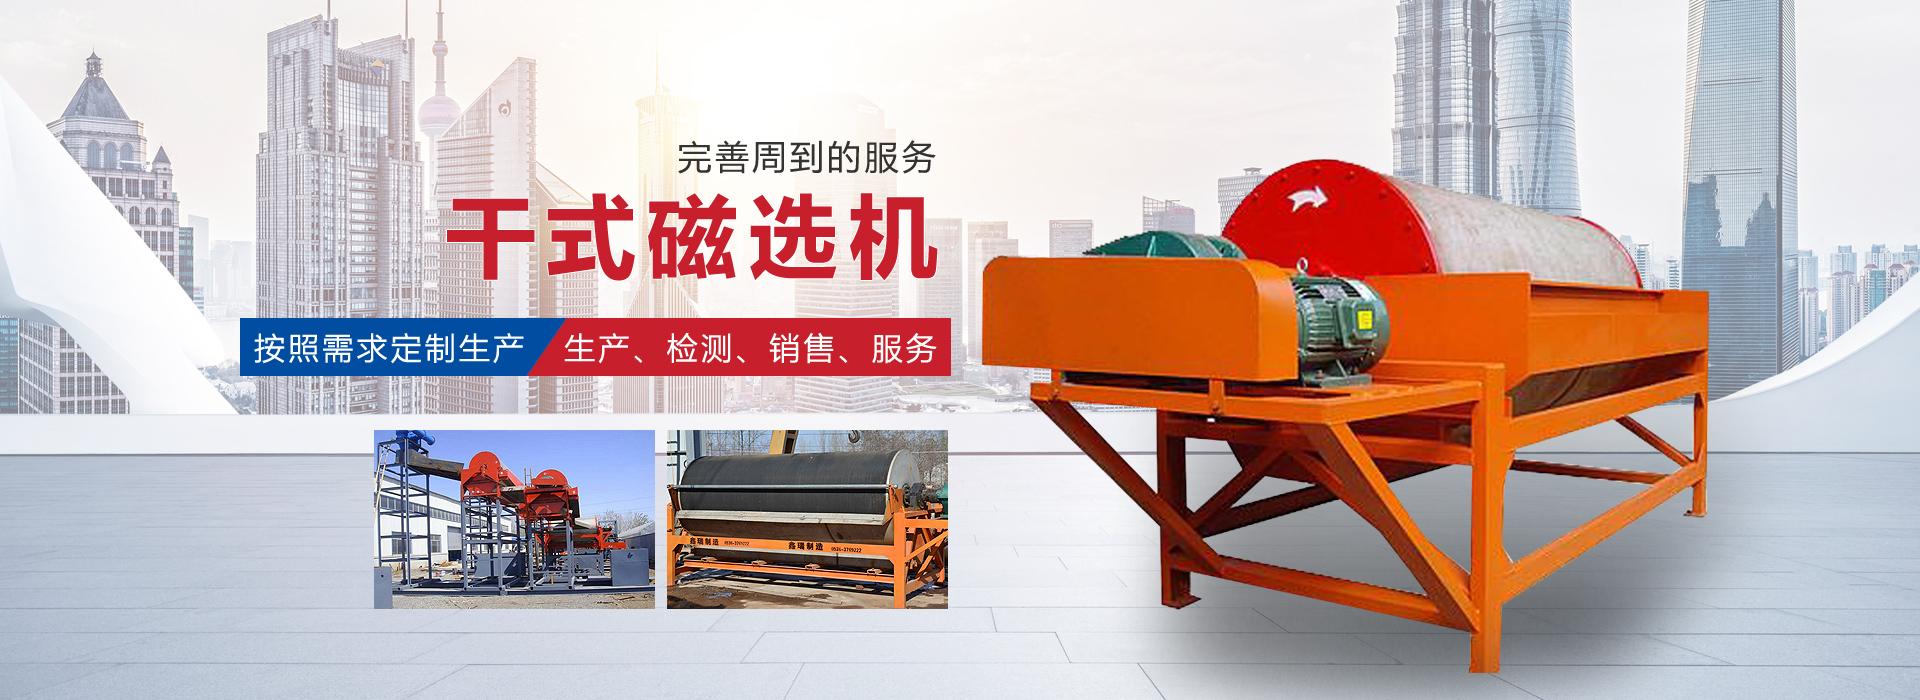 临朐县鑫瑞磁电设备机械厂